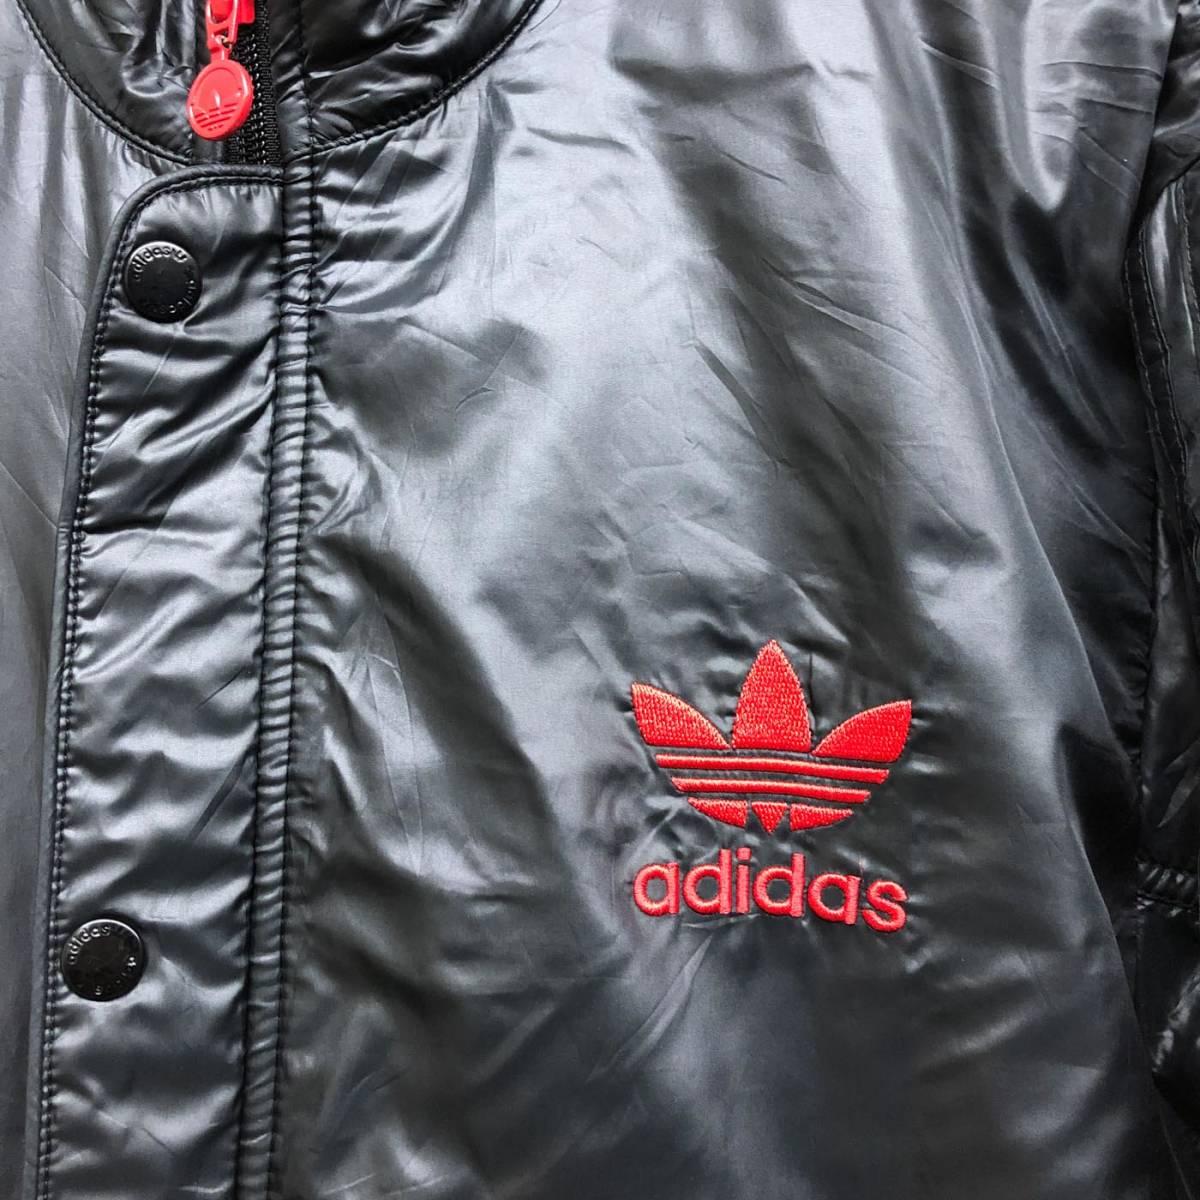 アディダス adidas ジャケット ジャージ スウェット ウィンドブレーカー ダウン 中綿 ブラック MA-1 ブルゾン メンズ Lサイズ 6-29_画像4